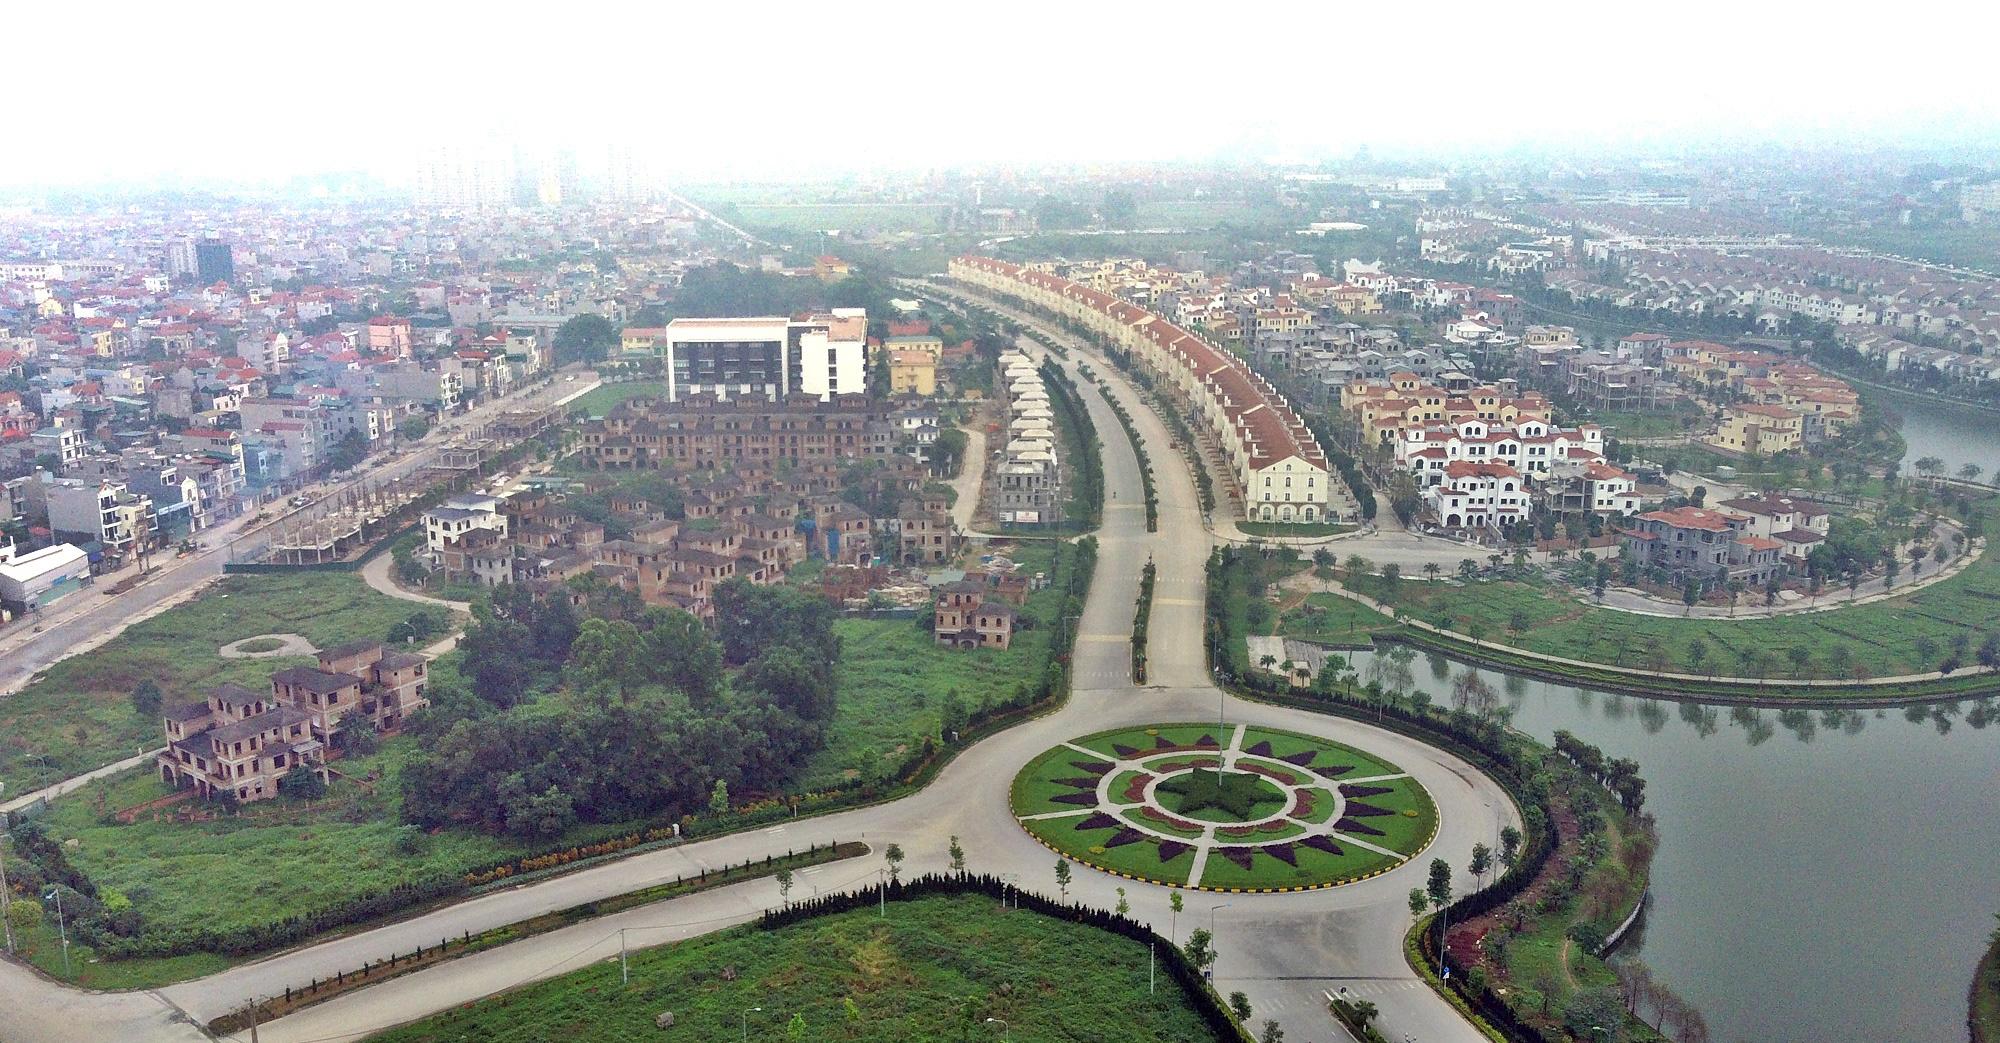 Đường sẽ mở theo qui hoạch ở Hà Nội: Toàn cảnh đường nối KĐT Nam An Khánh đến Sân vận động Mỹ Đình - Ảnh 19.